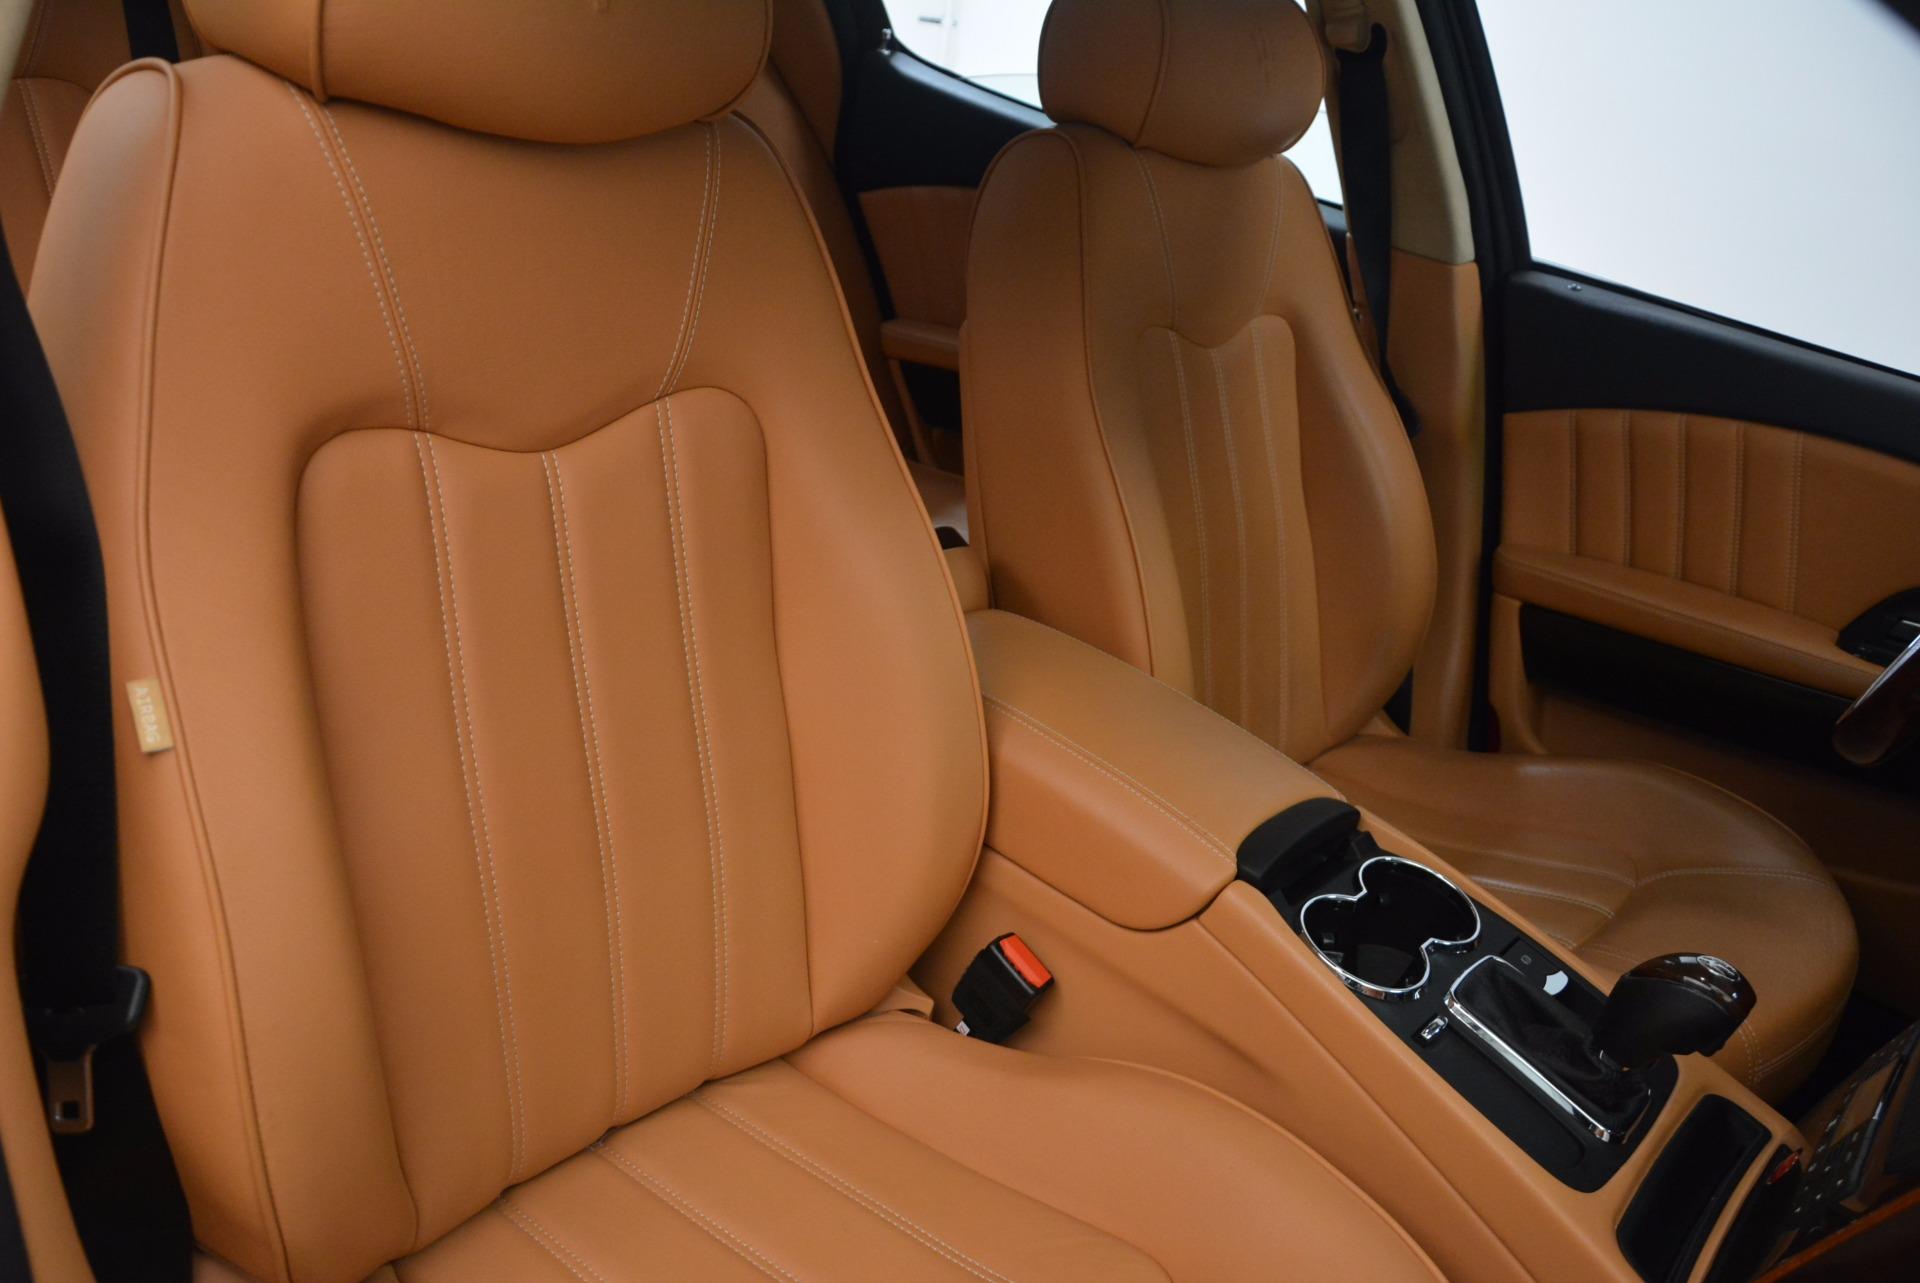 Used 2010 Maserati Quattroporte S For Sale In Greenwich, CT 1551_p36